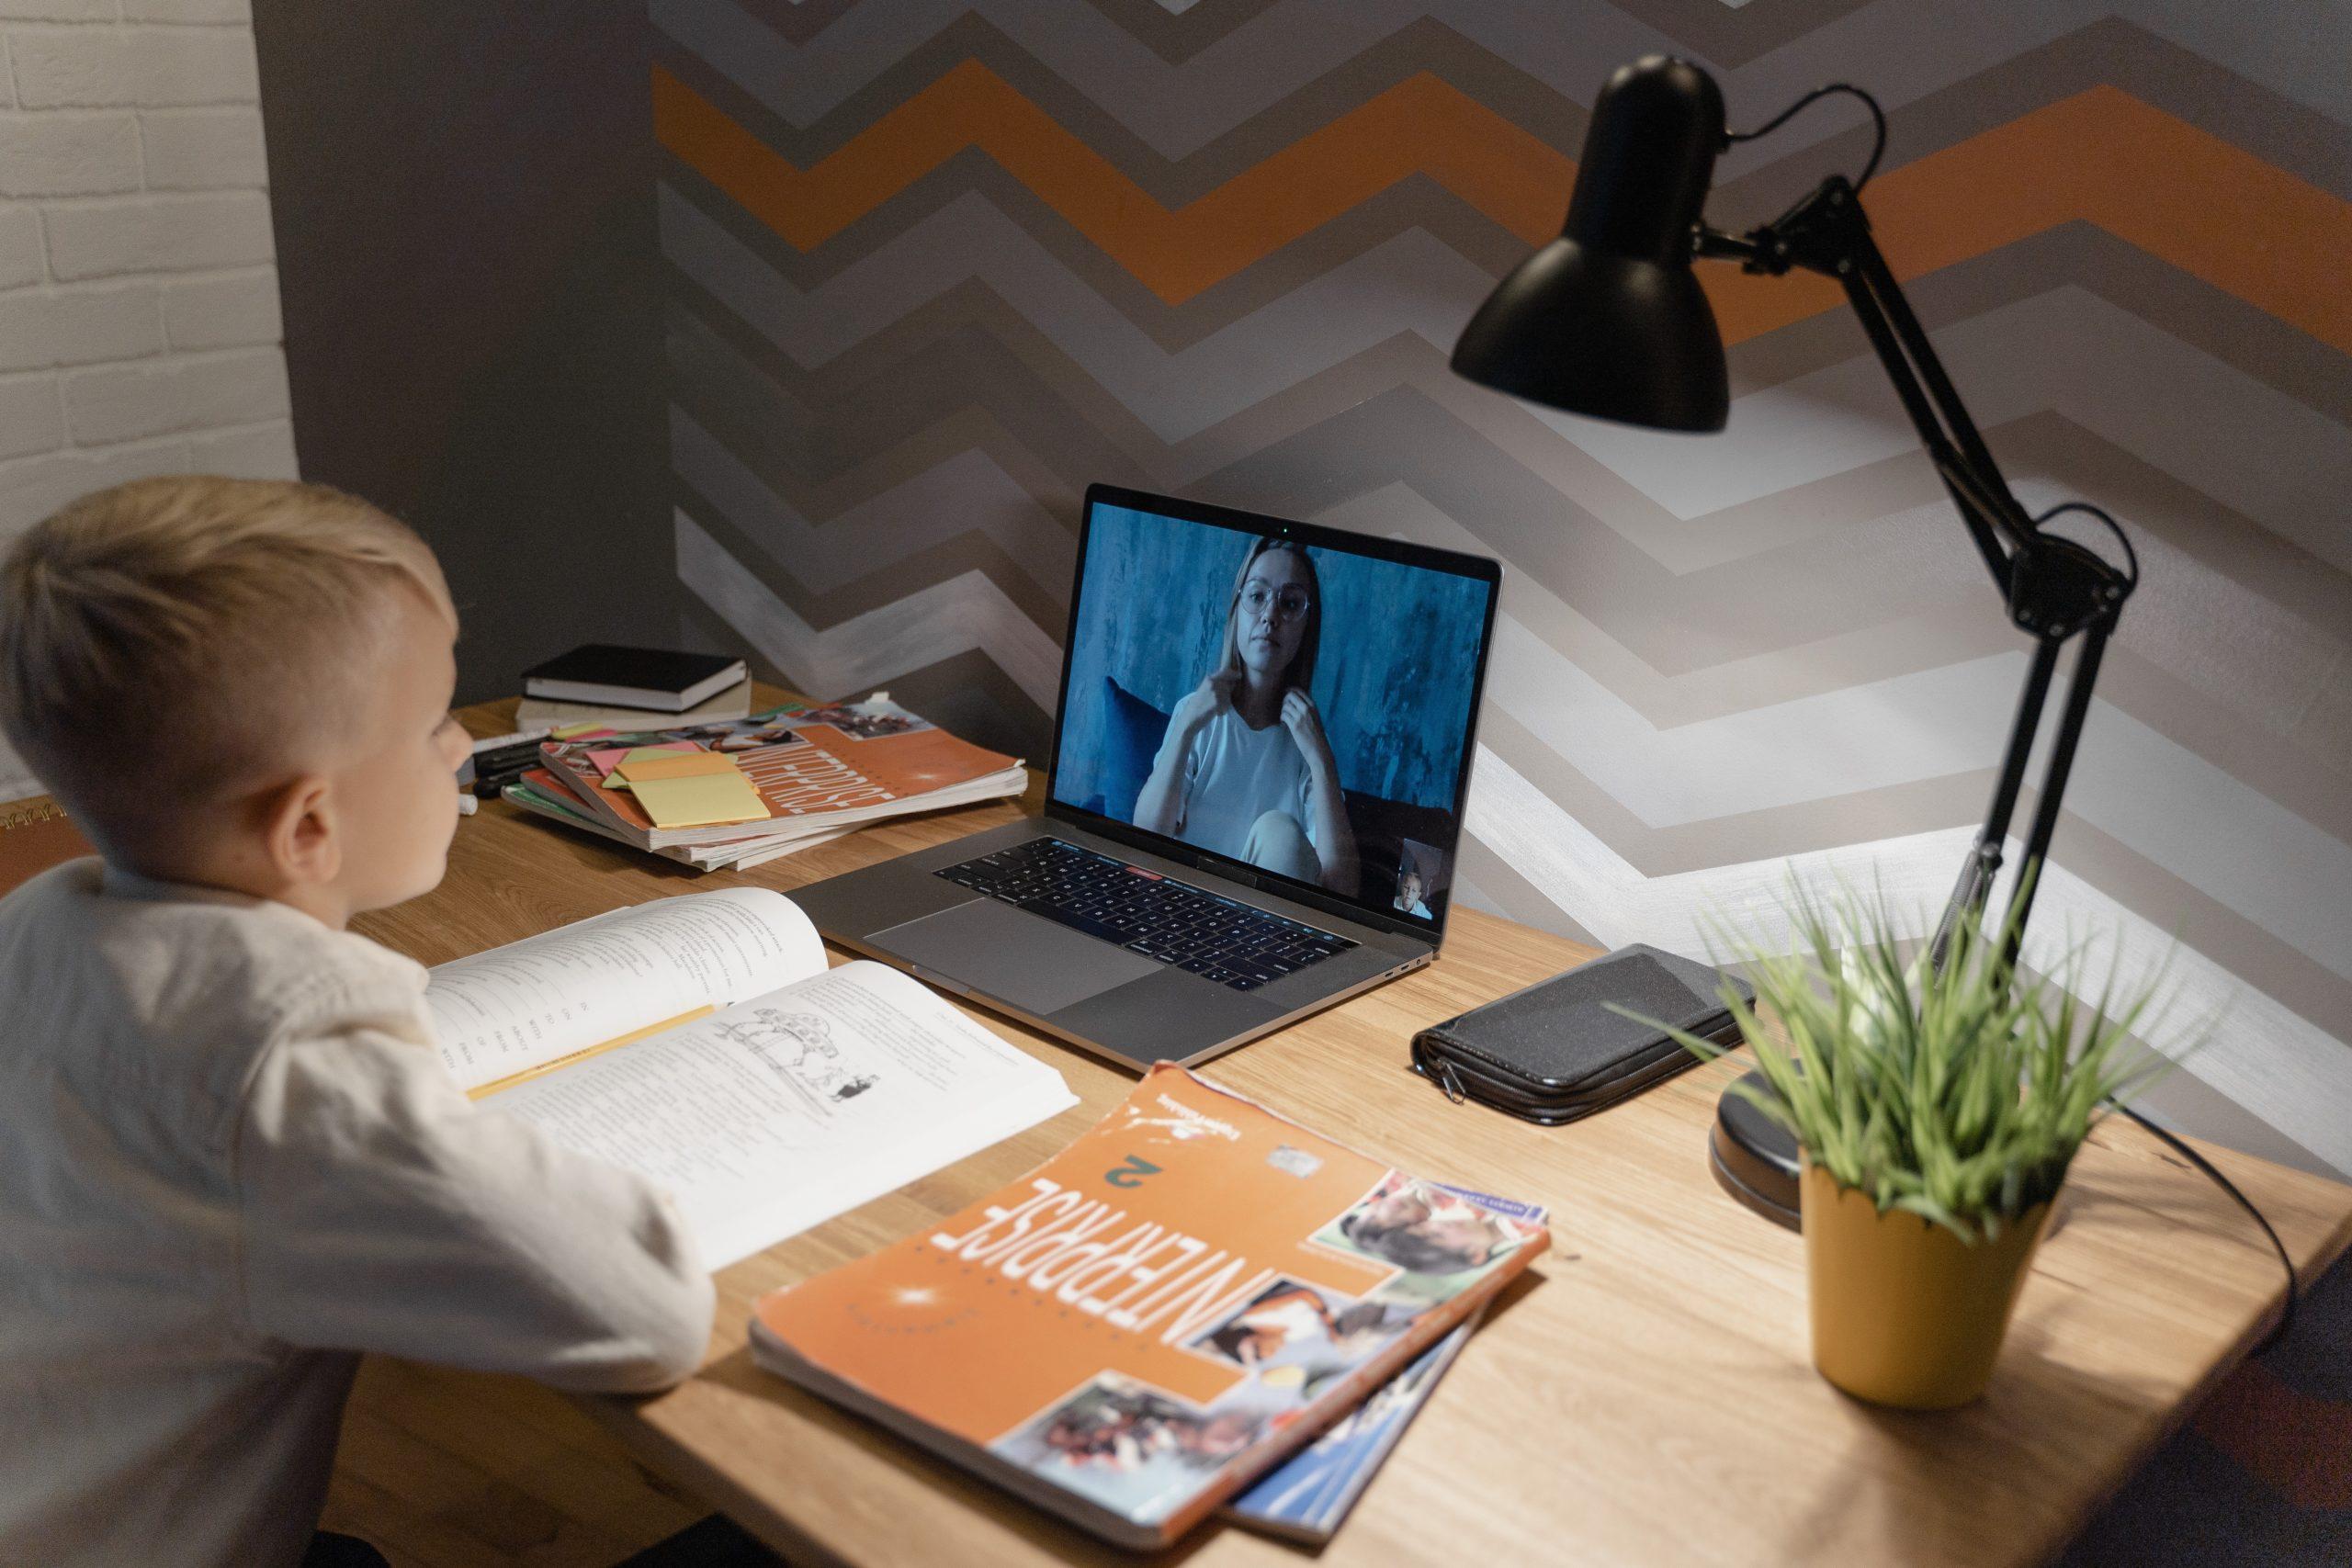 Las TICs, además de ser cada día más necesarias, también son una forma de ampliar el conocimiento de nuestra clase y trabajar otras competencias.